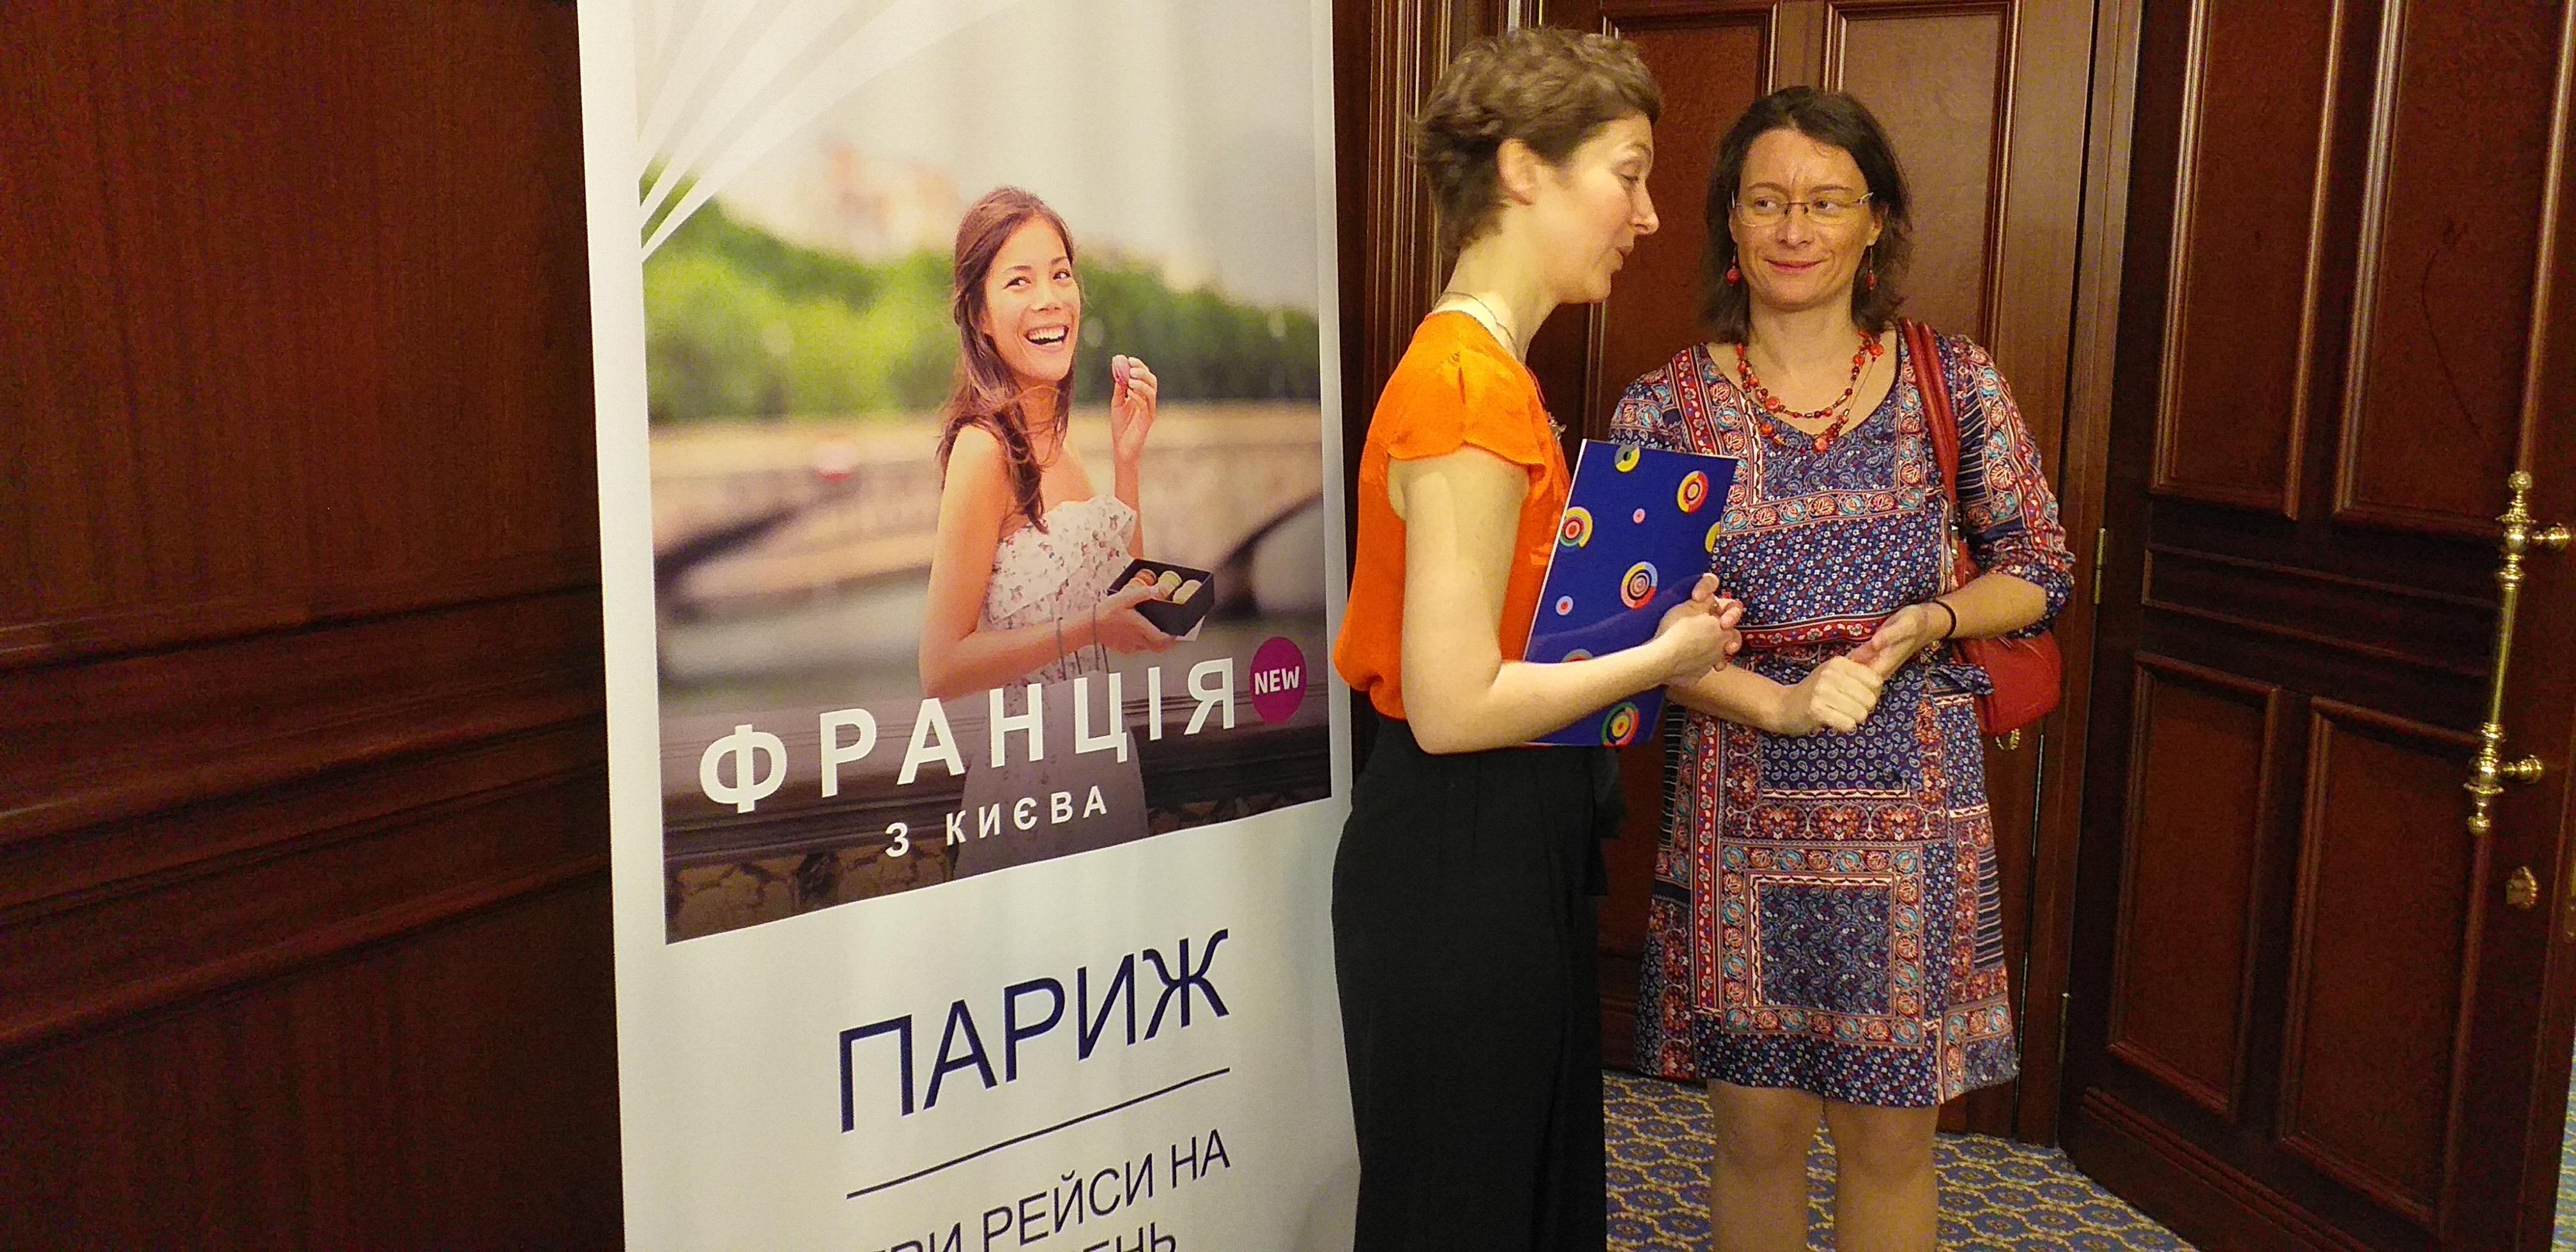 посол Франции в Украине Изабель Дюмон на презентации фестиваля Французская весна